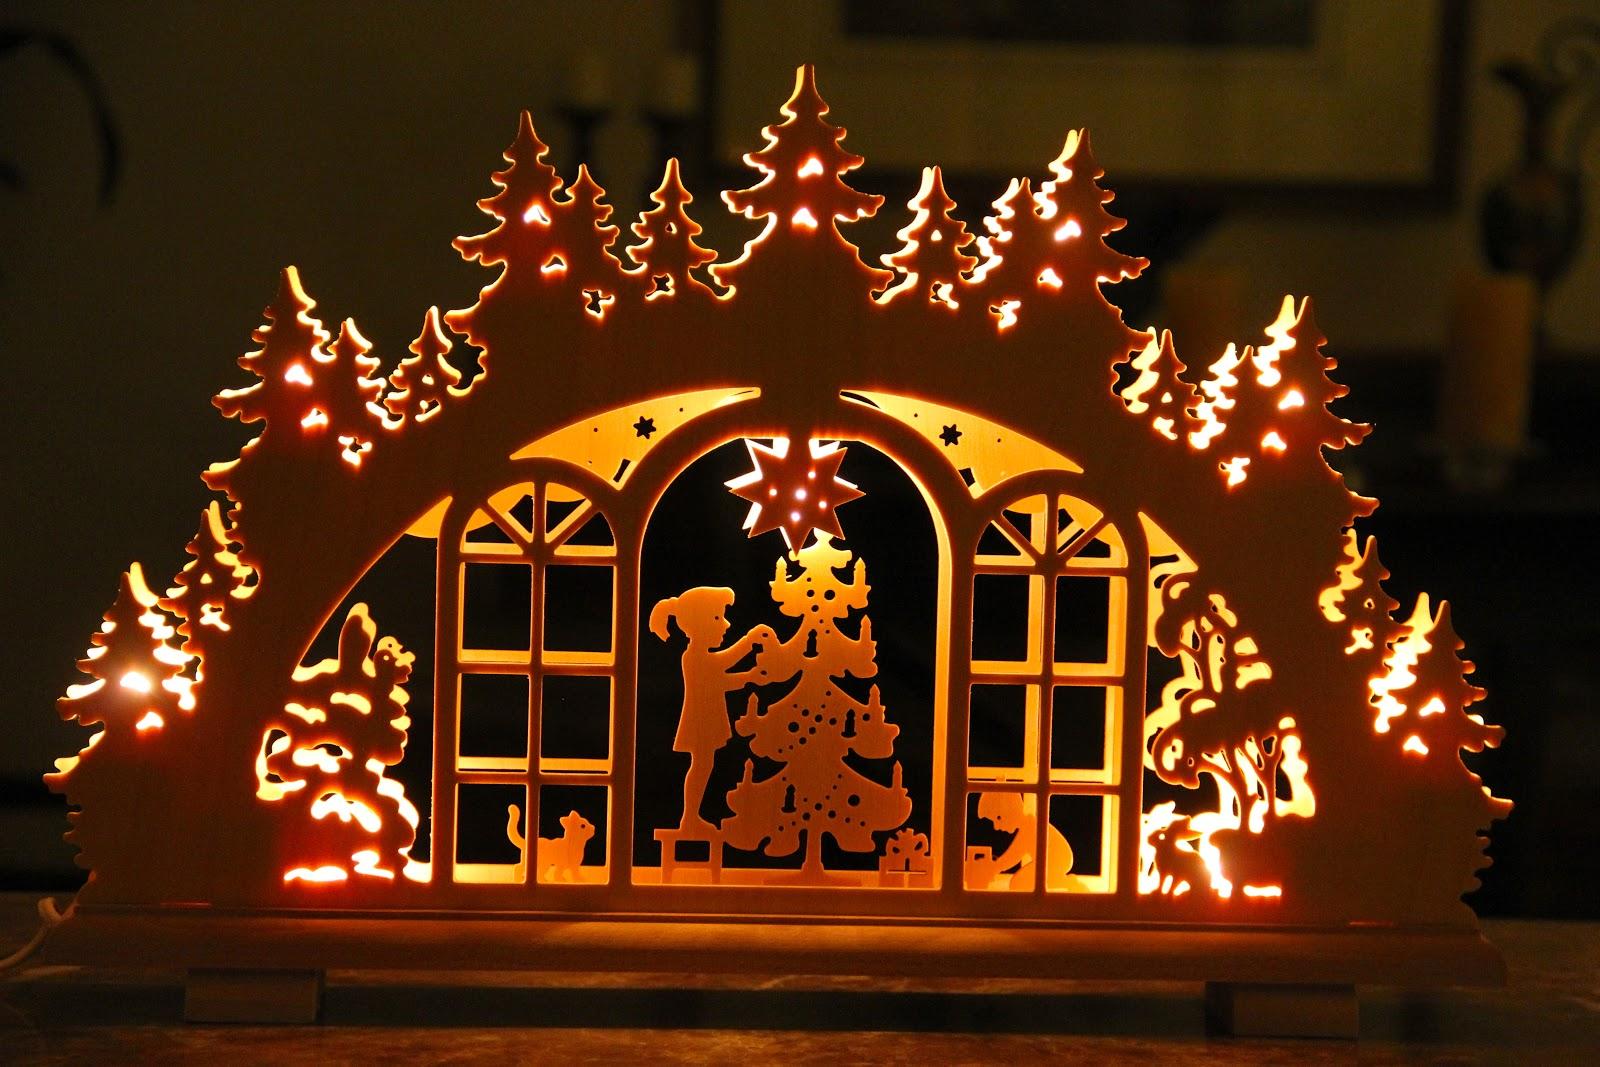 naples and hartford in season lichterbogen weihnachten. Black Bedroom Furniture Sets. Home Design Ideas